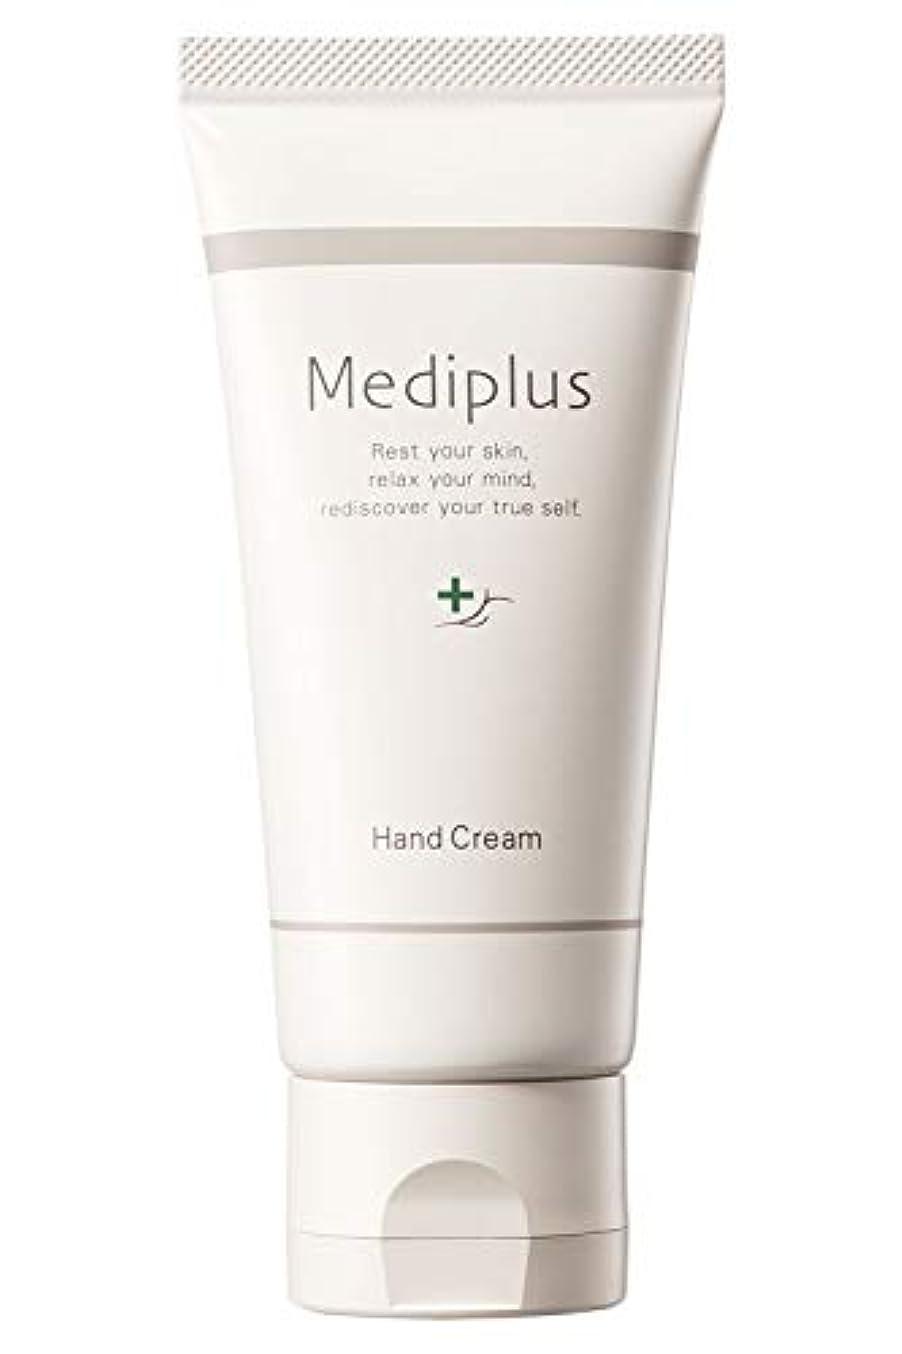 太鼓腹判定不条理mediplus メディプラス ハンドクリーム 55g(約3ヵ月分)